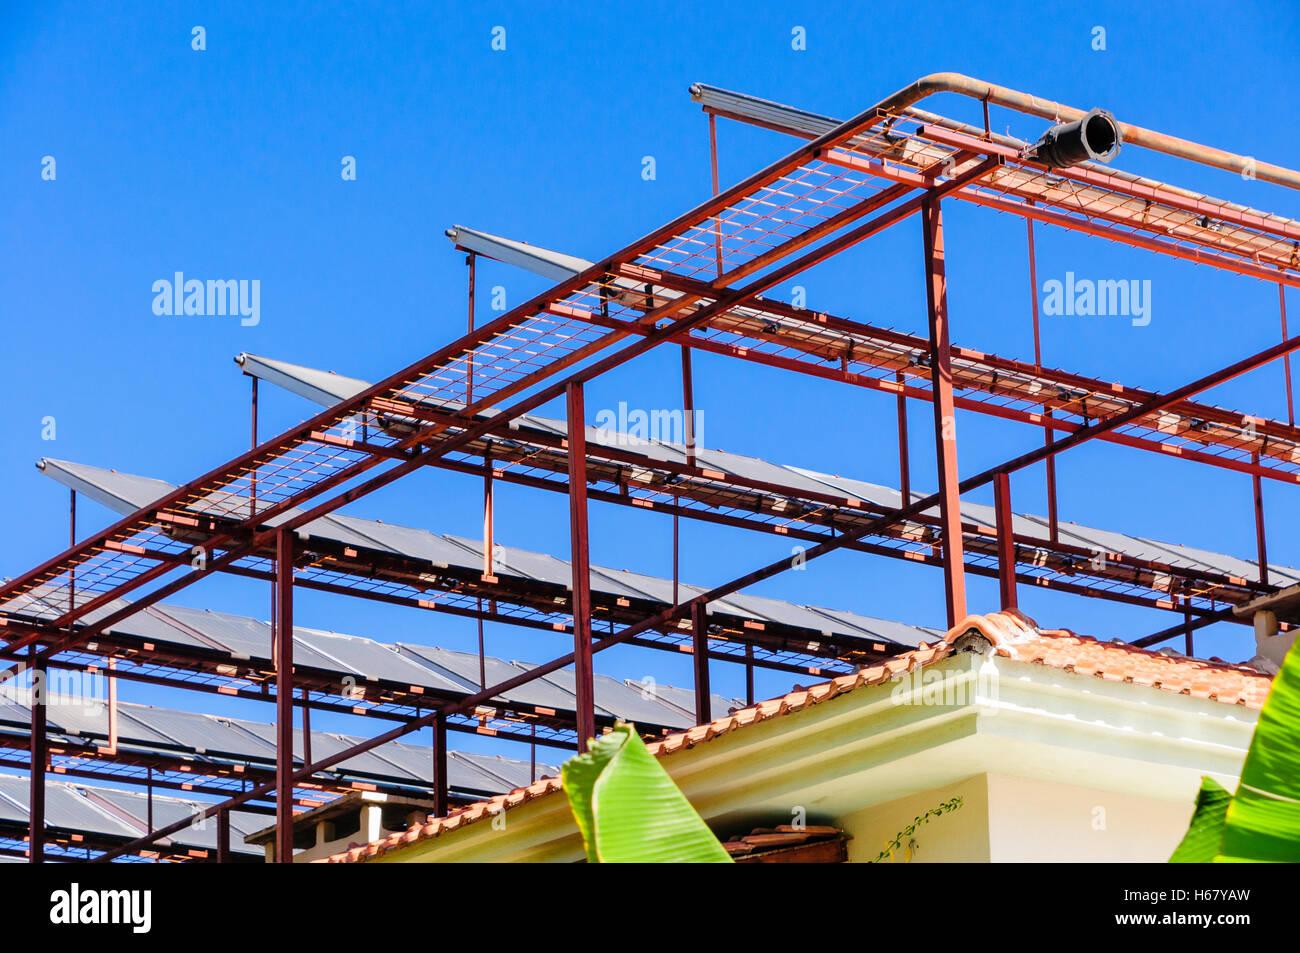 Sonnenkollektoren auf einem Metallrahmen auf dem Dach eines Gebäudes ...